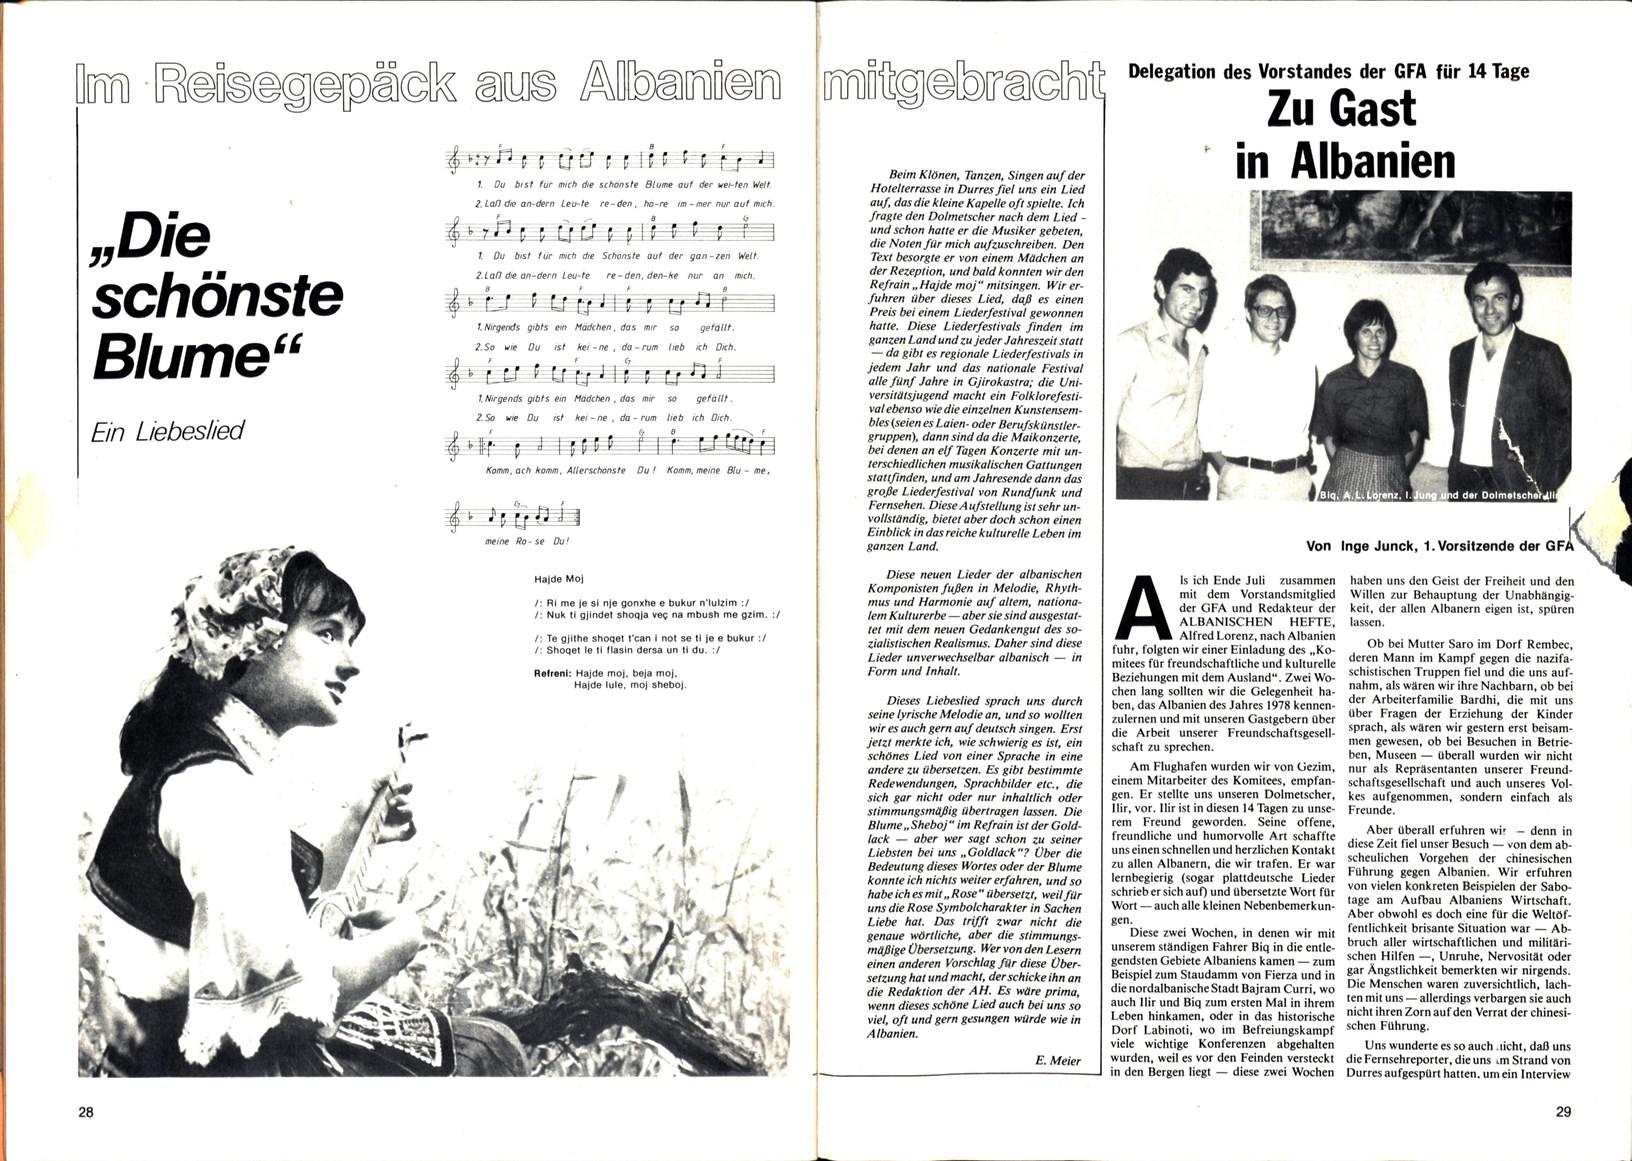 GFA_Albanische_Hefte_1978_03_15